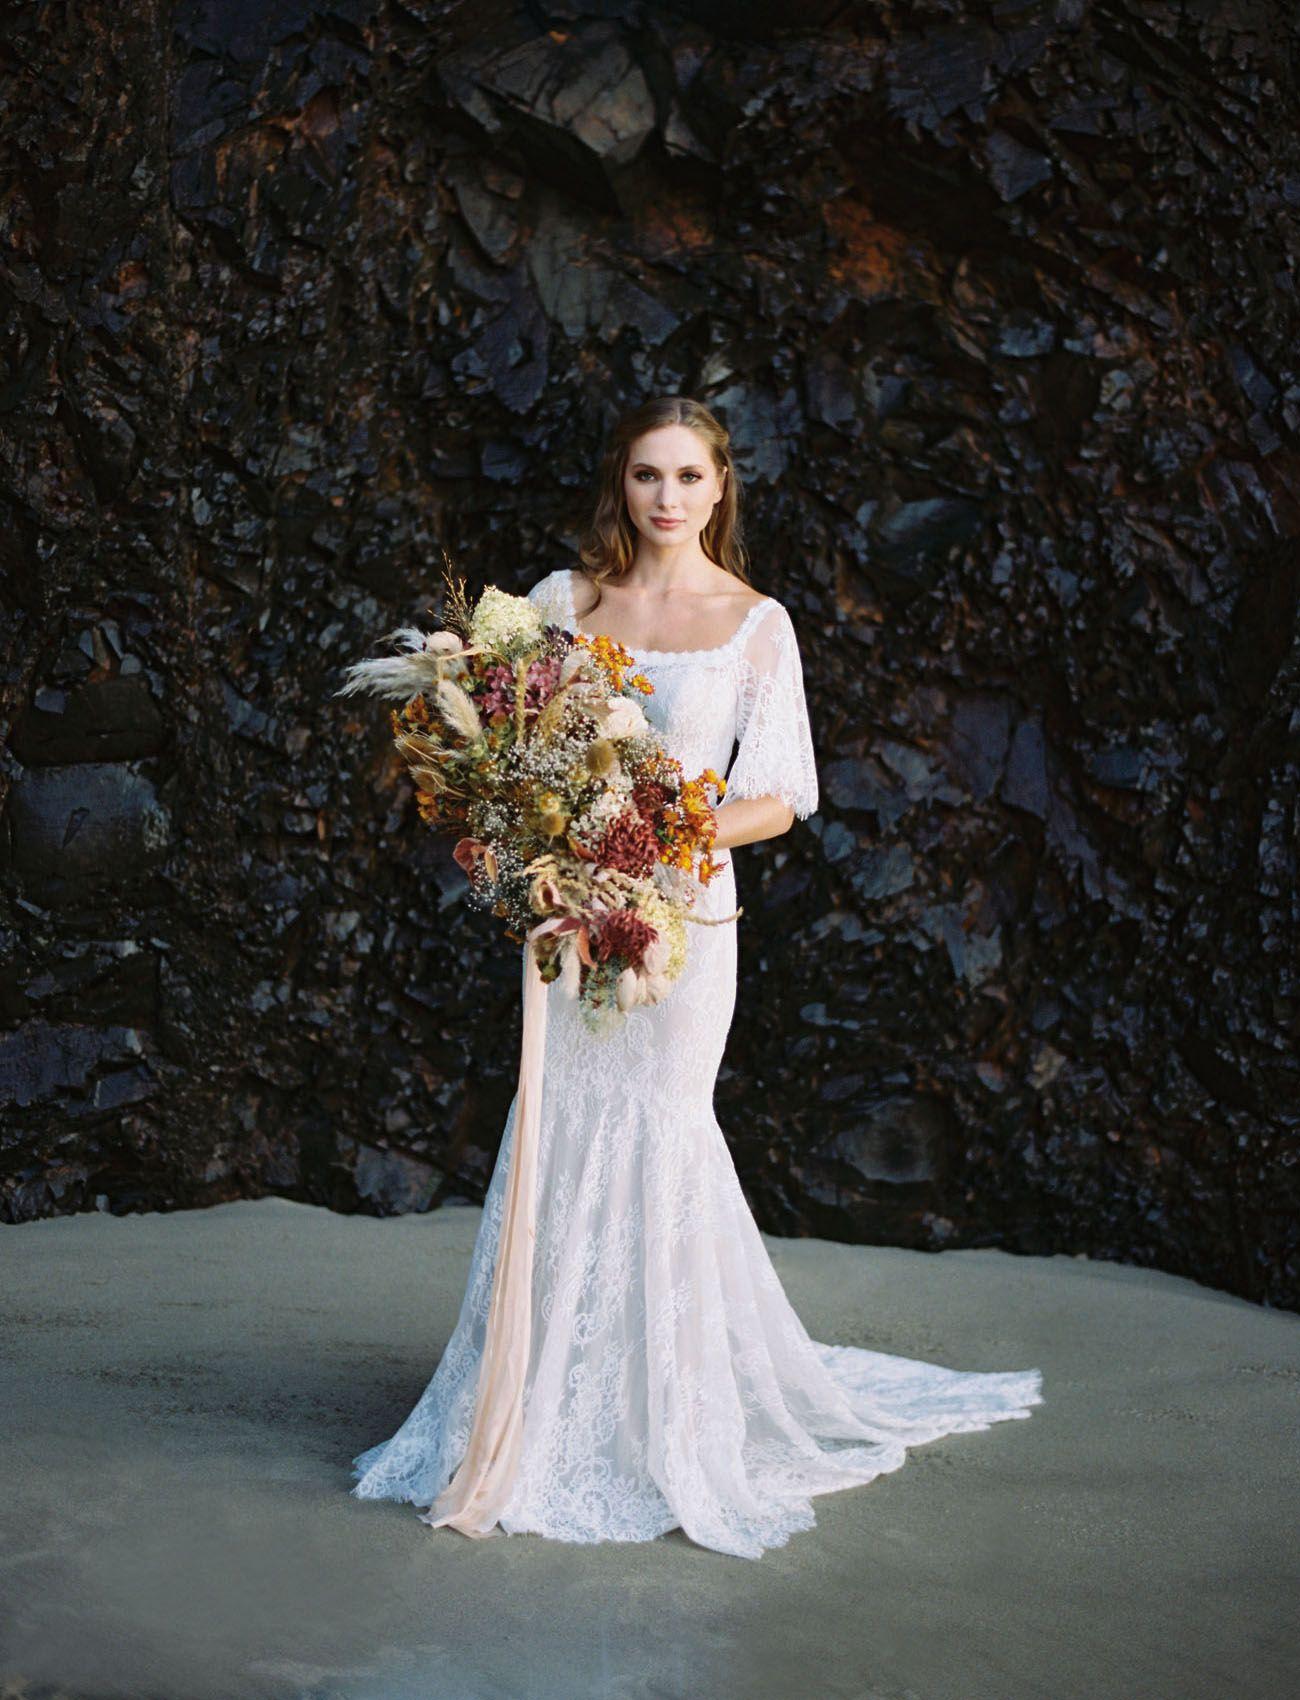 Wilderly bride free spirited boho wedding dresses by allure bridals